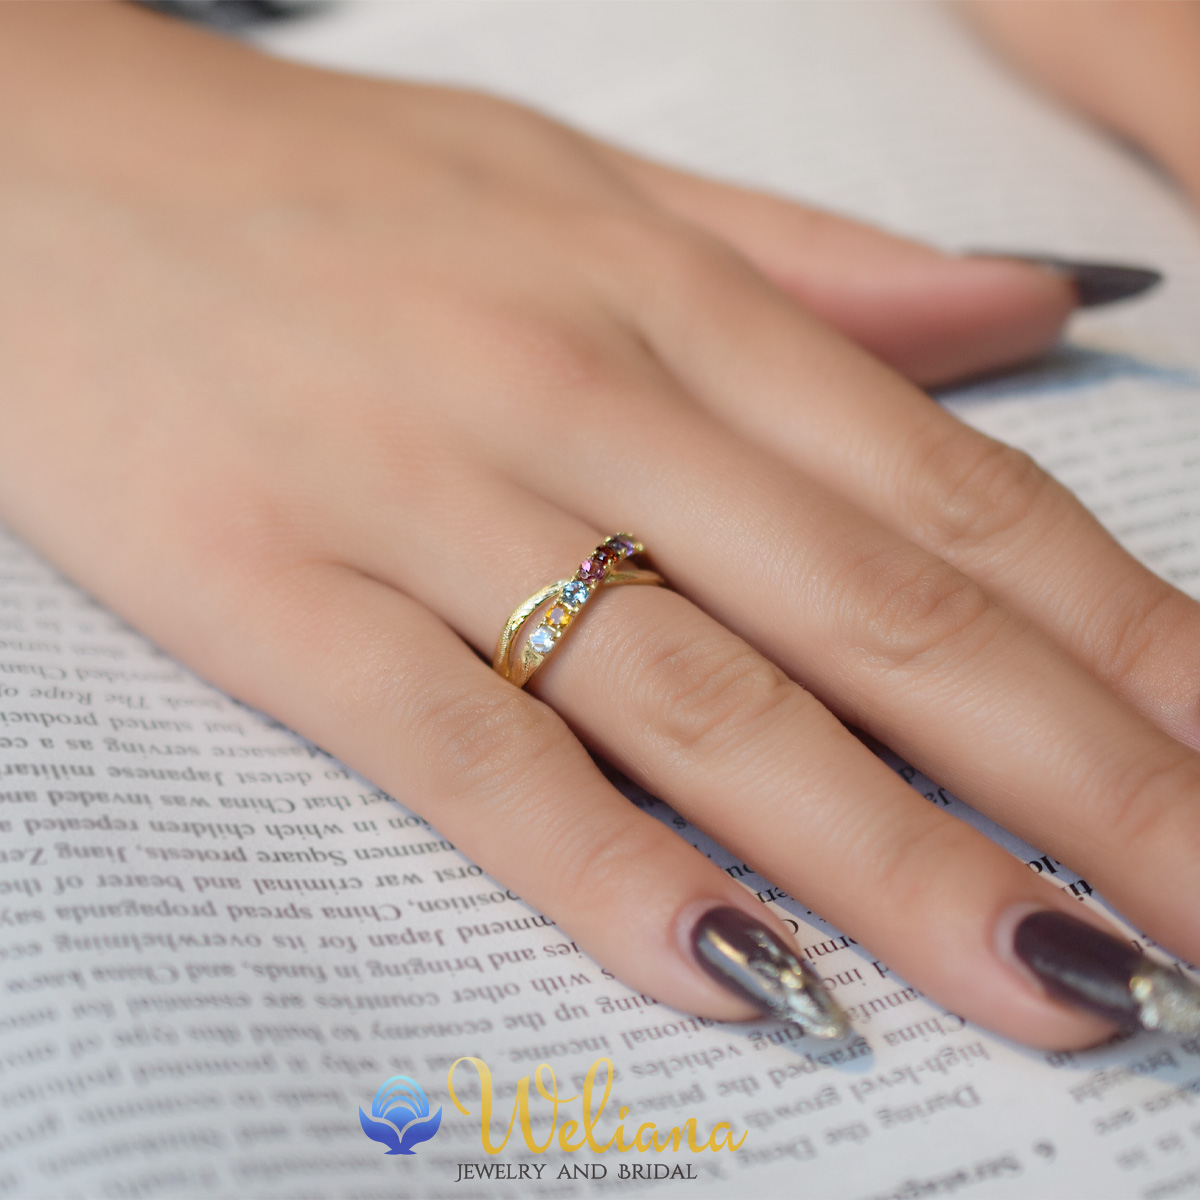 ハワイアンジュエリー リング 指輪 K18 ゴールド アミュレット スクロール ゴールドリング/wri1635